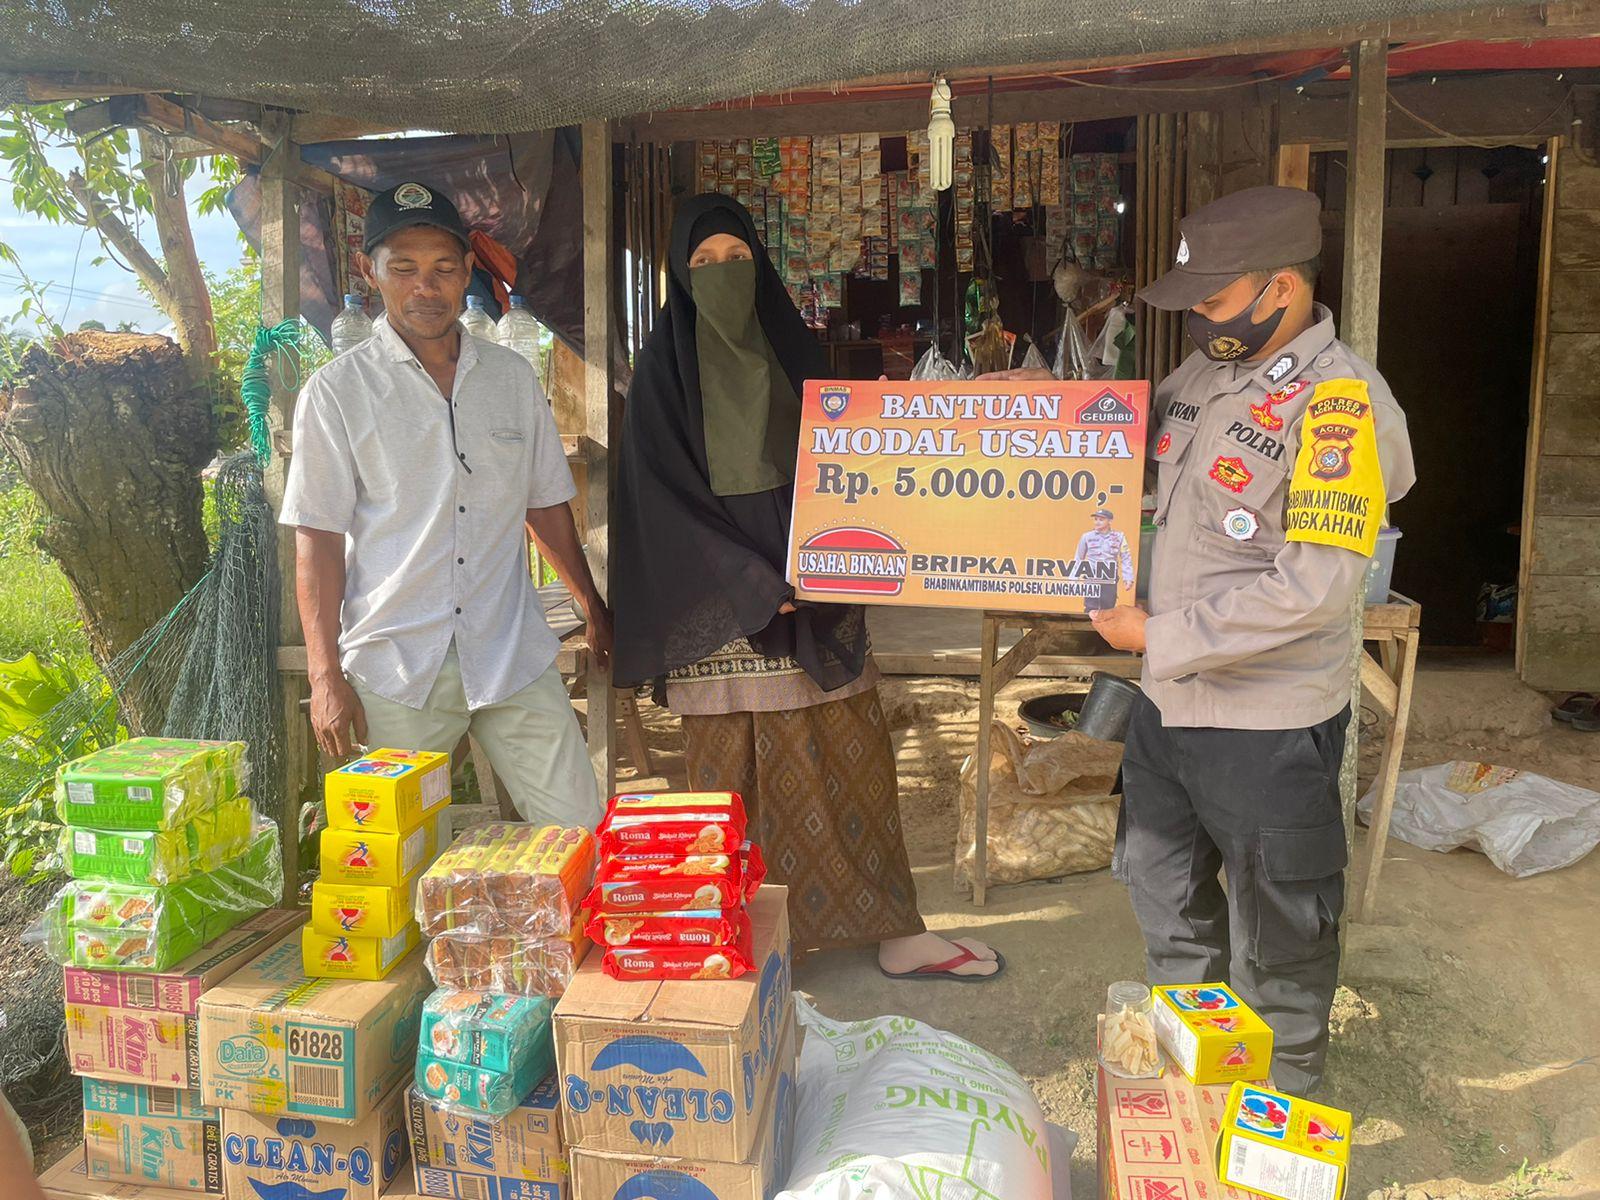 Prihatin dengan masyarakat desa binaannya, Bripka Irvan Bhabinkamtibmas langkahan berikan Bantuan Modal Usaha